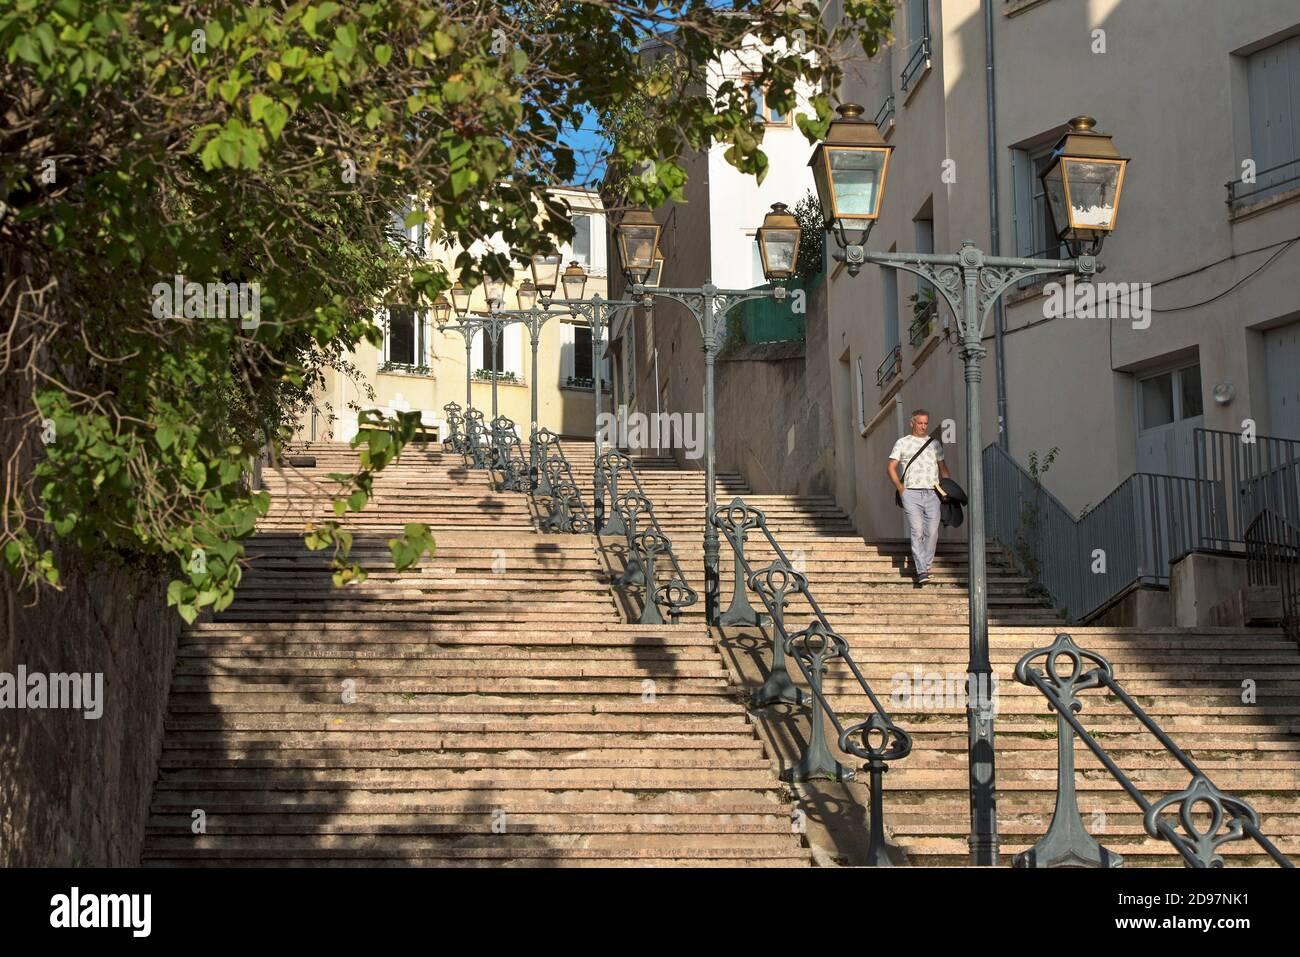 Rue en escalier du Cret du Roc, Saint-Etienne, departamento de la Loire, región Auvernia-Rhone-Alpes, Francia, Europa / SideStepping de Cret du Roc, Foto de stock